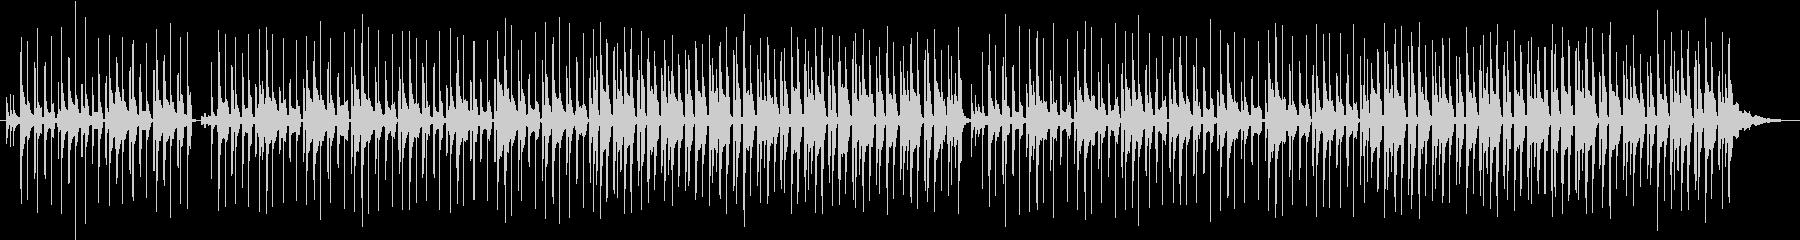 ボサノヴァ風のゆったりとした音楽ですの未再生の波形